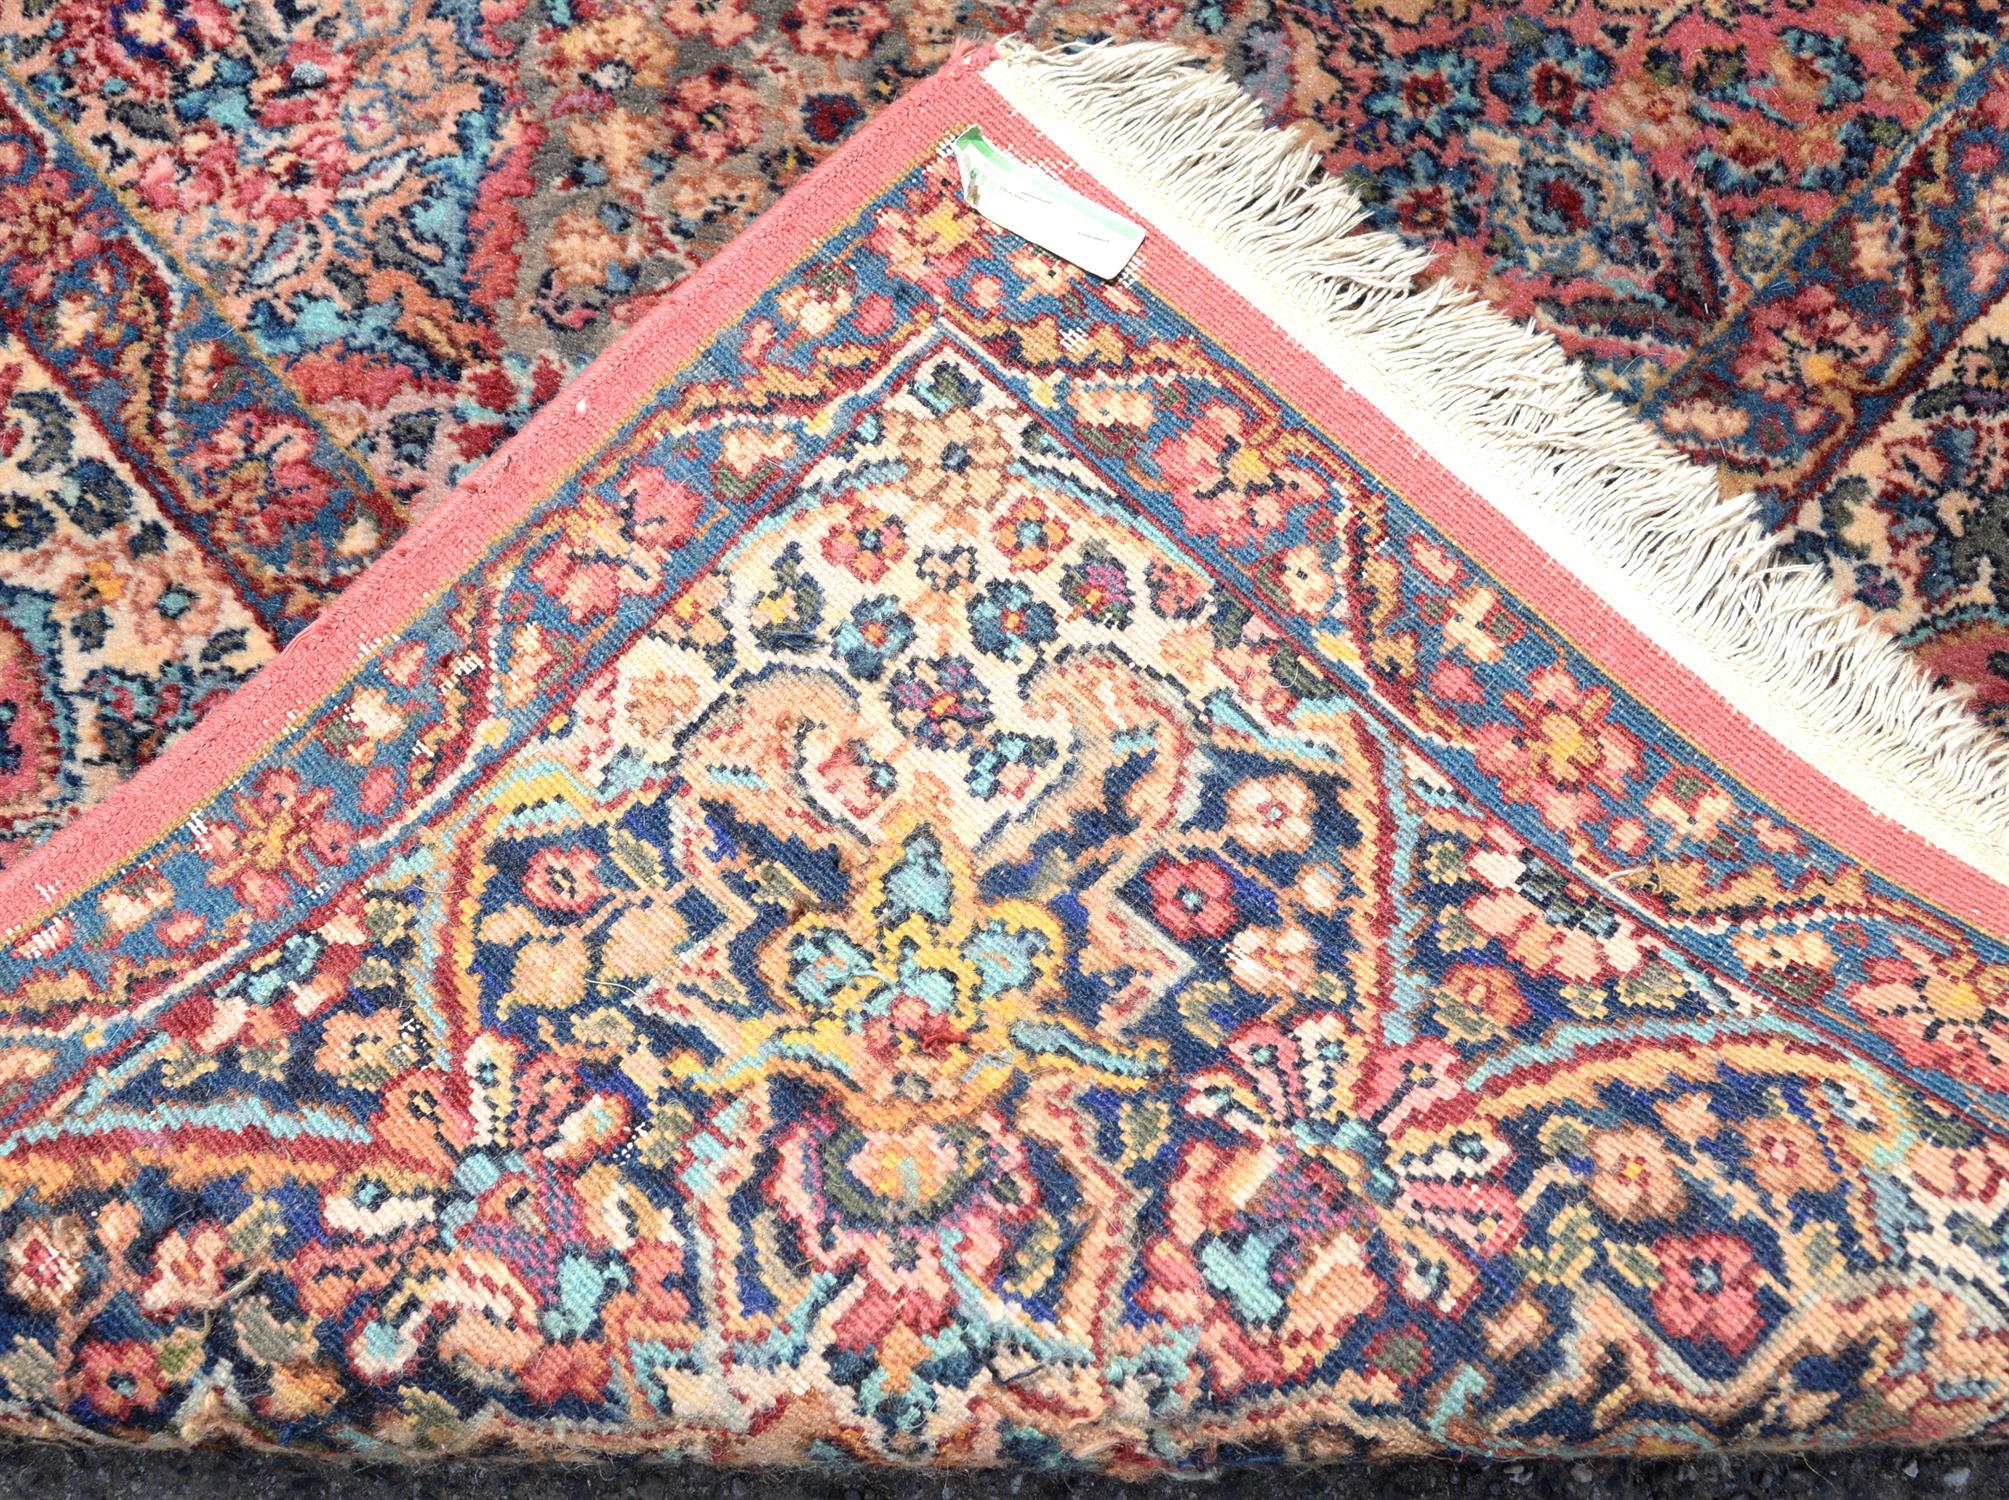 Kirman style woollen carpet by Karastan 'America's Finest Power Loomed Rug', in garden pattern with - Image 2 of 2